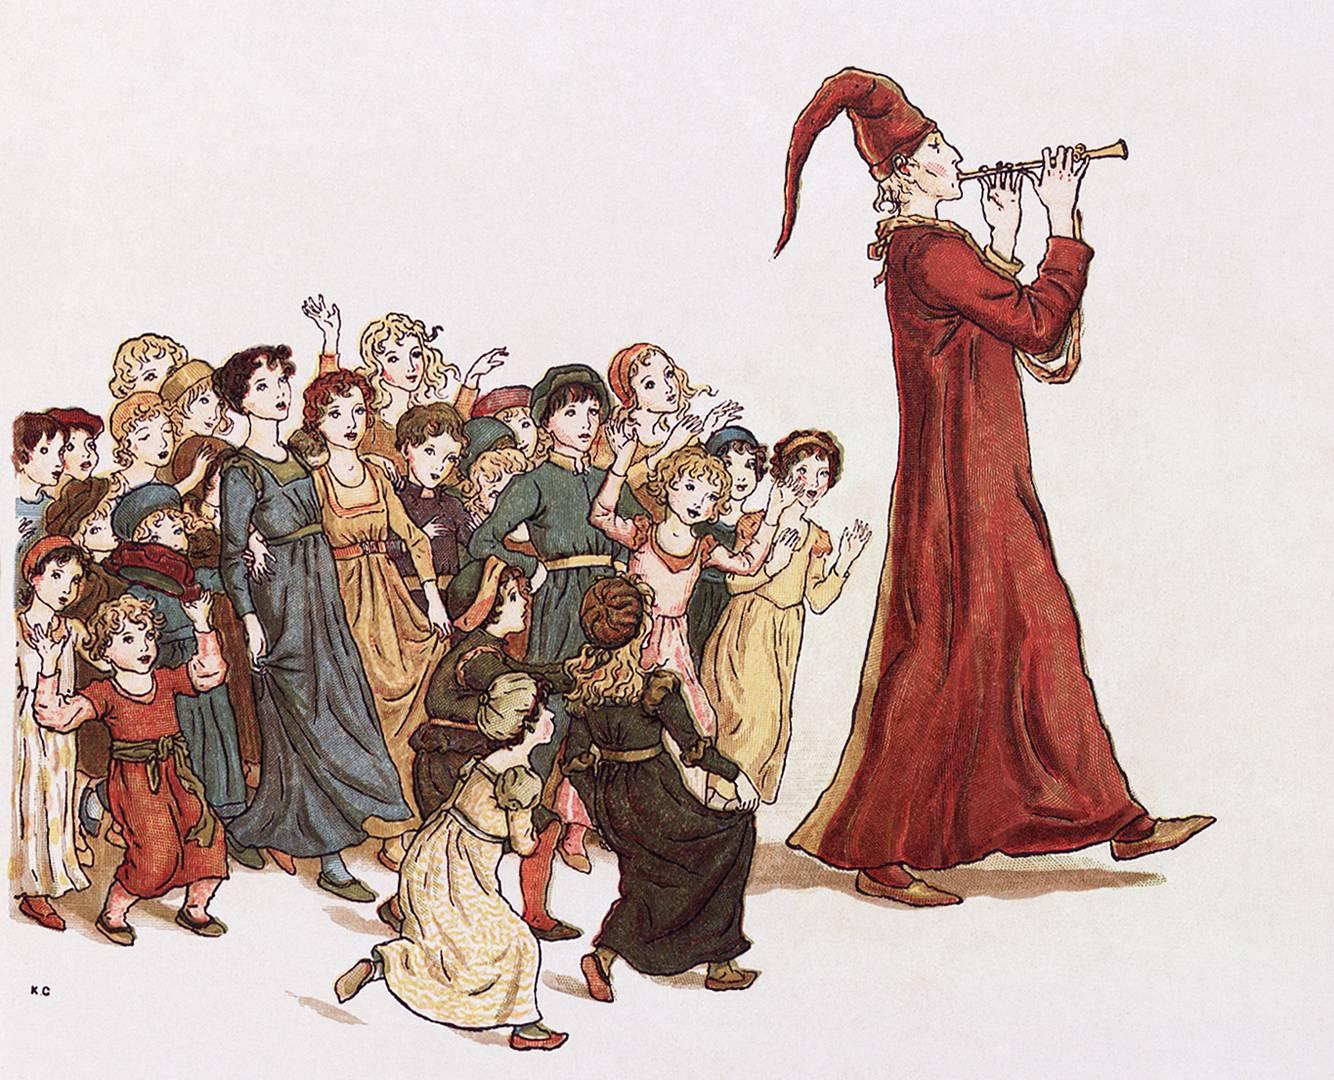 Кейт Гринуэй. Гамельнский крысолов уводит детей из Гамельна. 1910 год